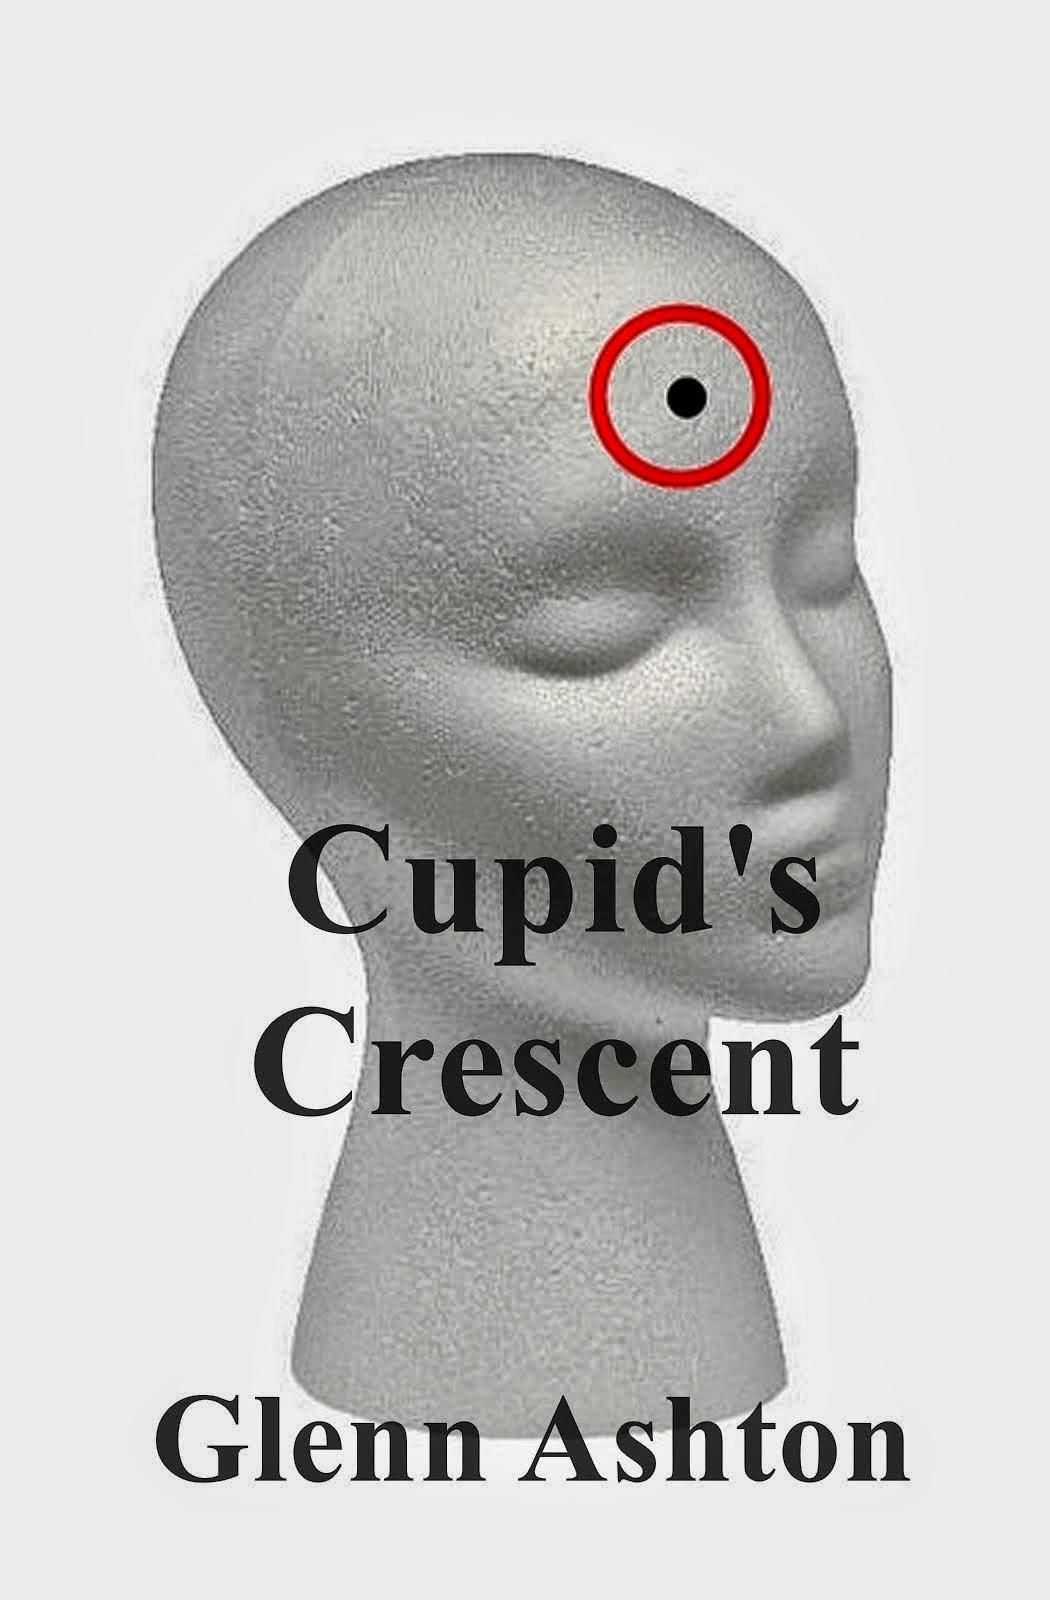 Cupid's Crescent